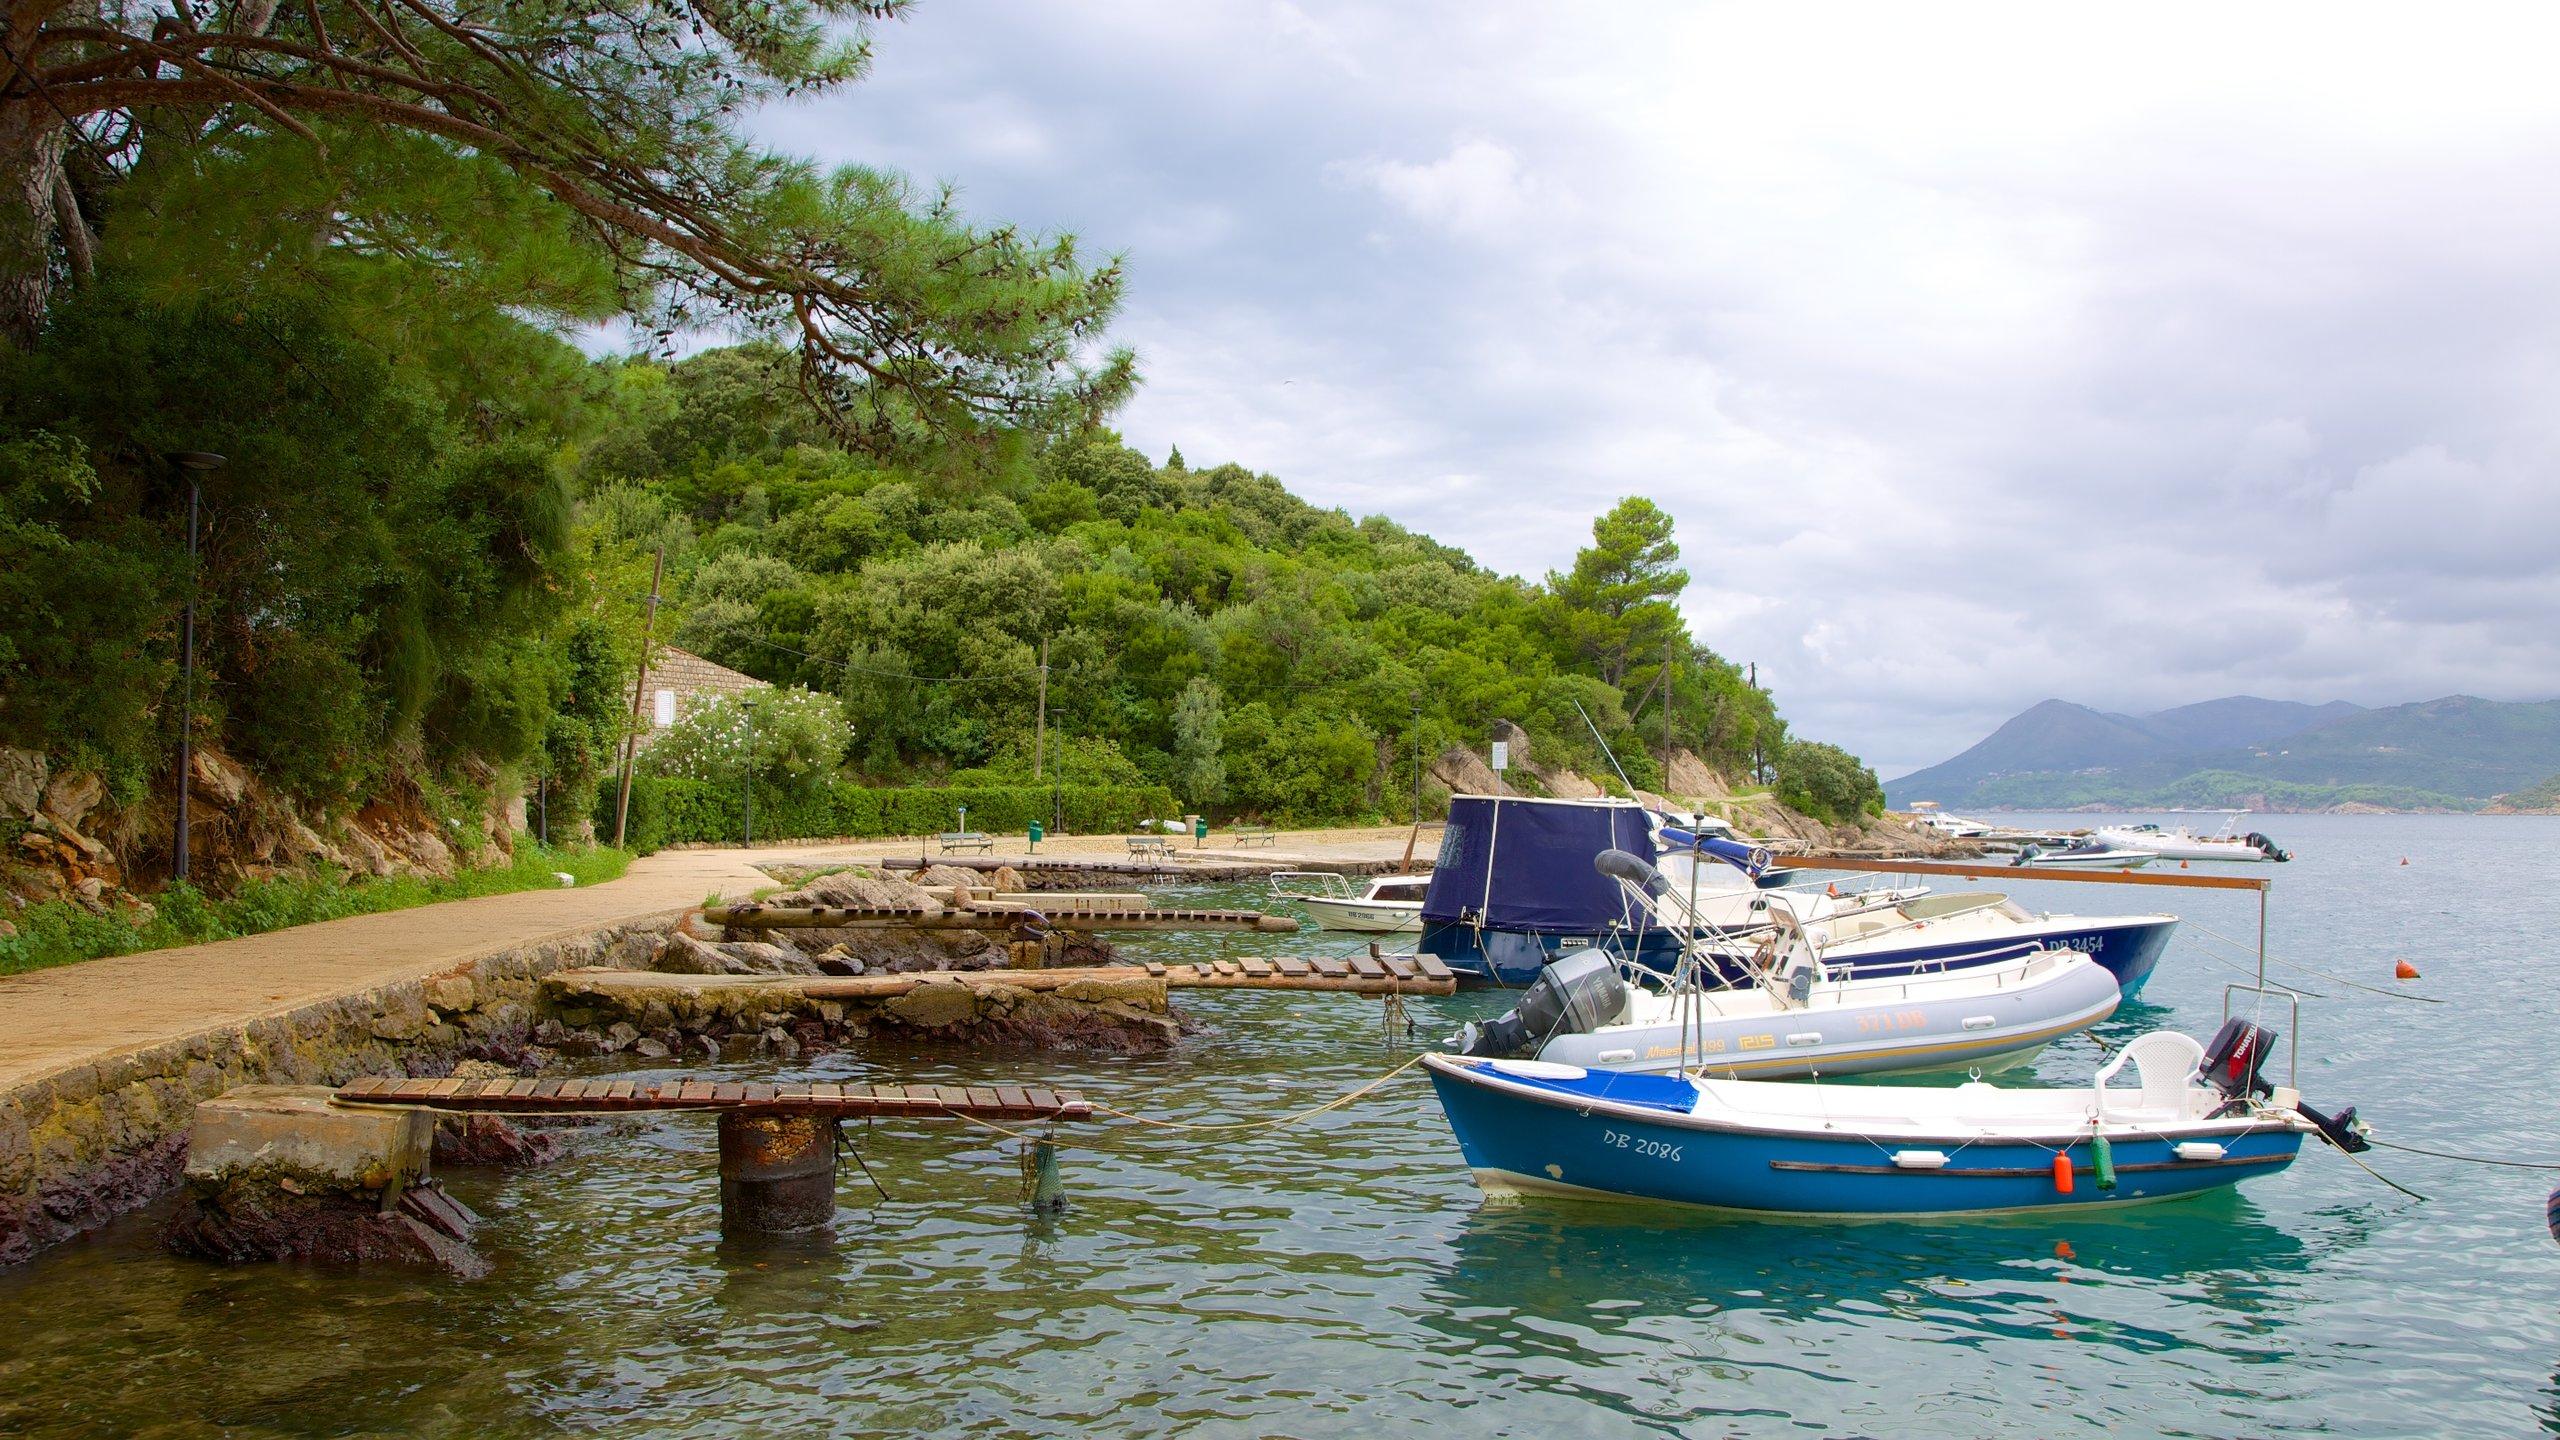 Lapad Beach, Dubrovnik, Dubrovnik-Neretva, Croatia